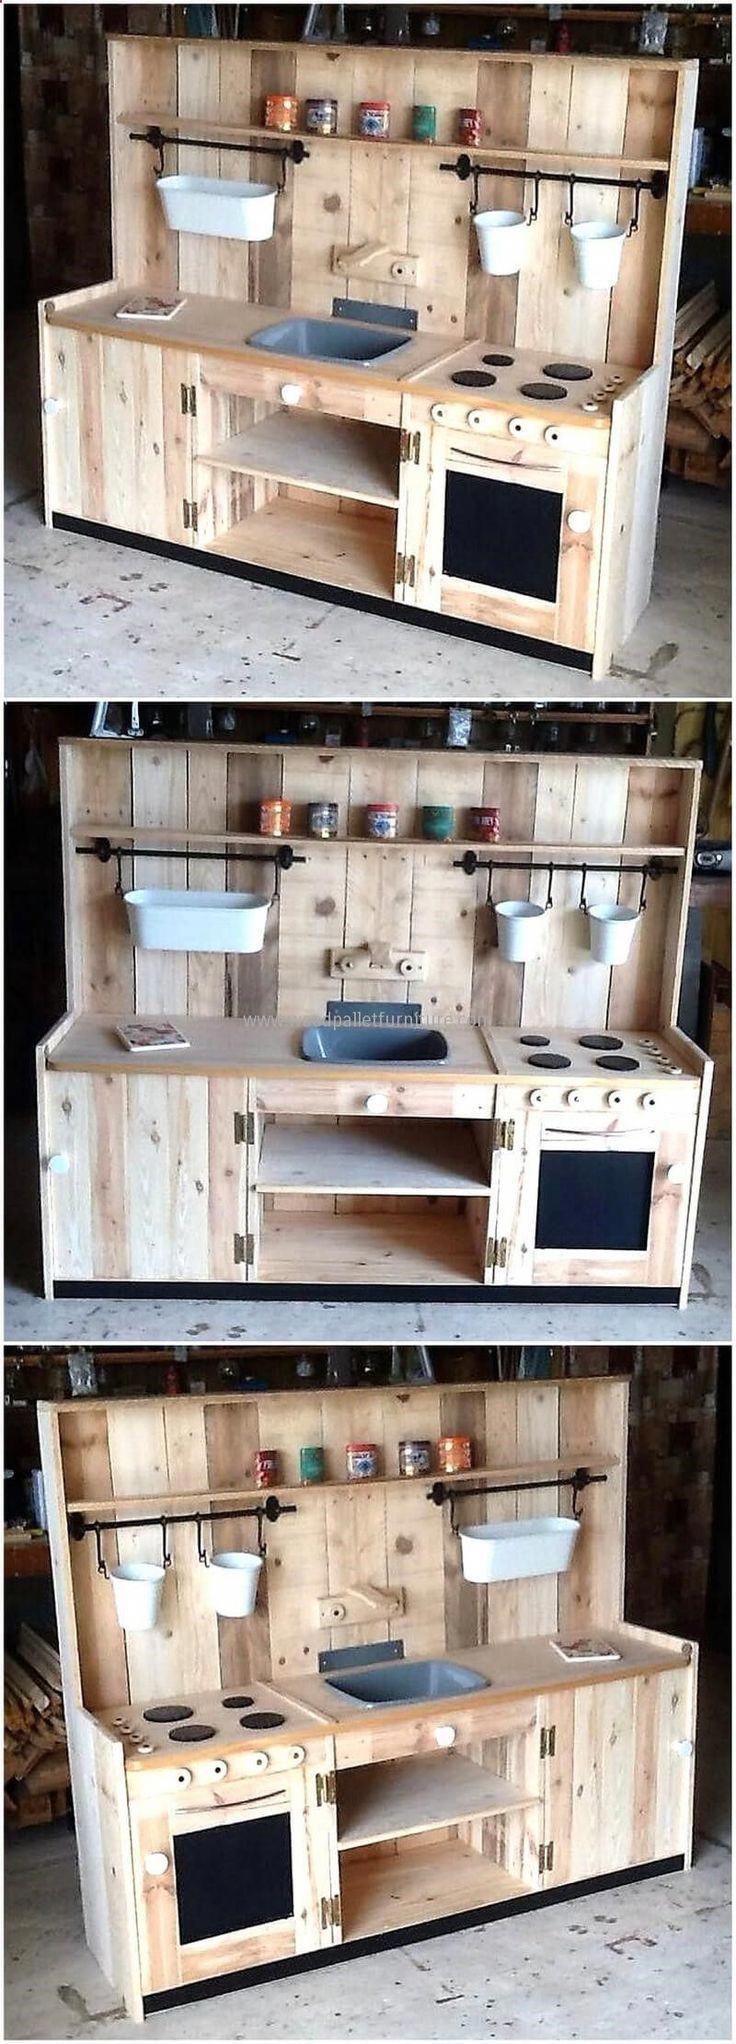 Holzpaletten Kinder Schlamm Kuche Mobel Diy Palletfurniture Mud Kitchen For Kids Mud Kitchen Pallet Kids